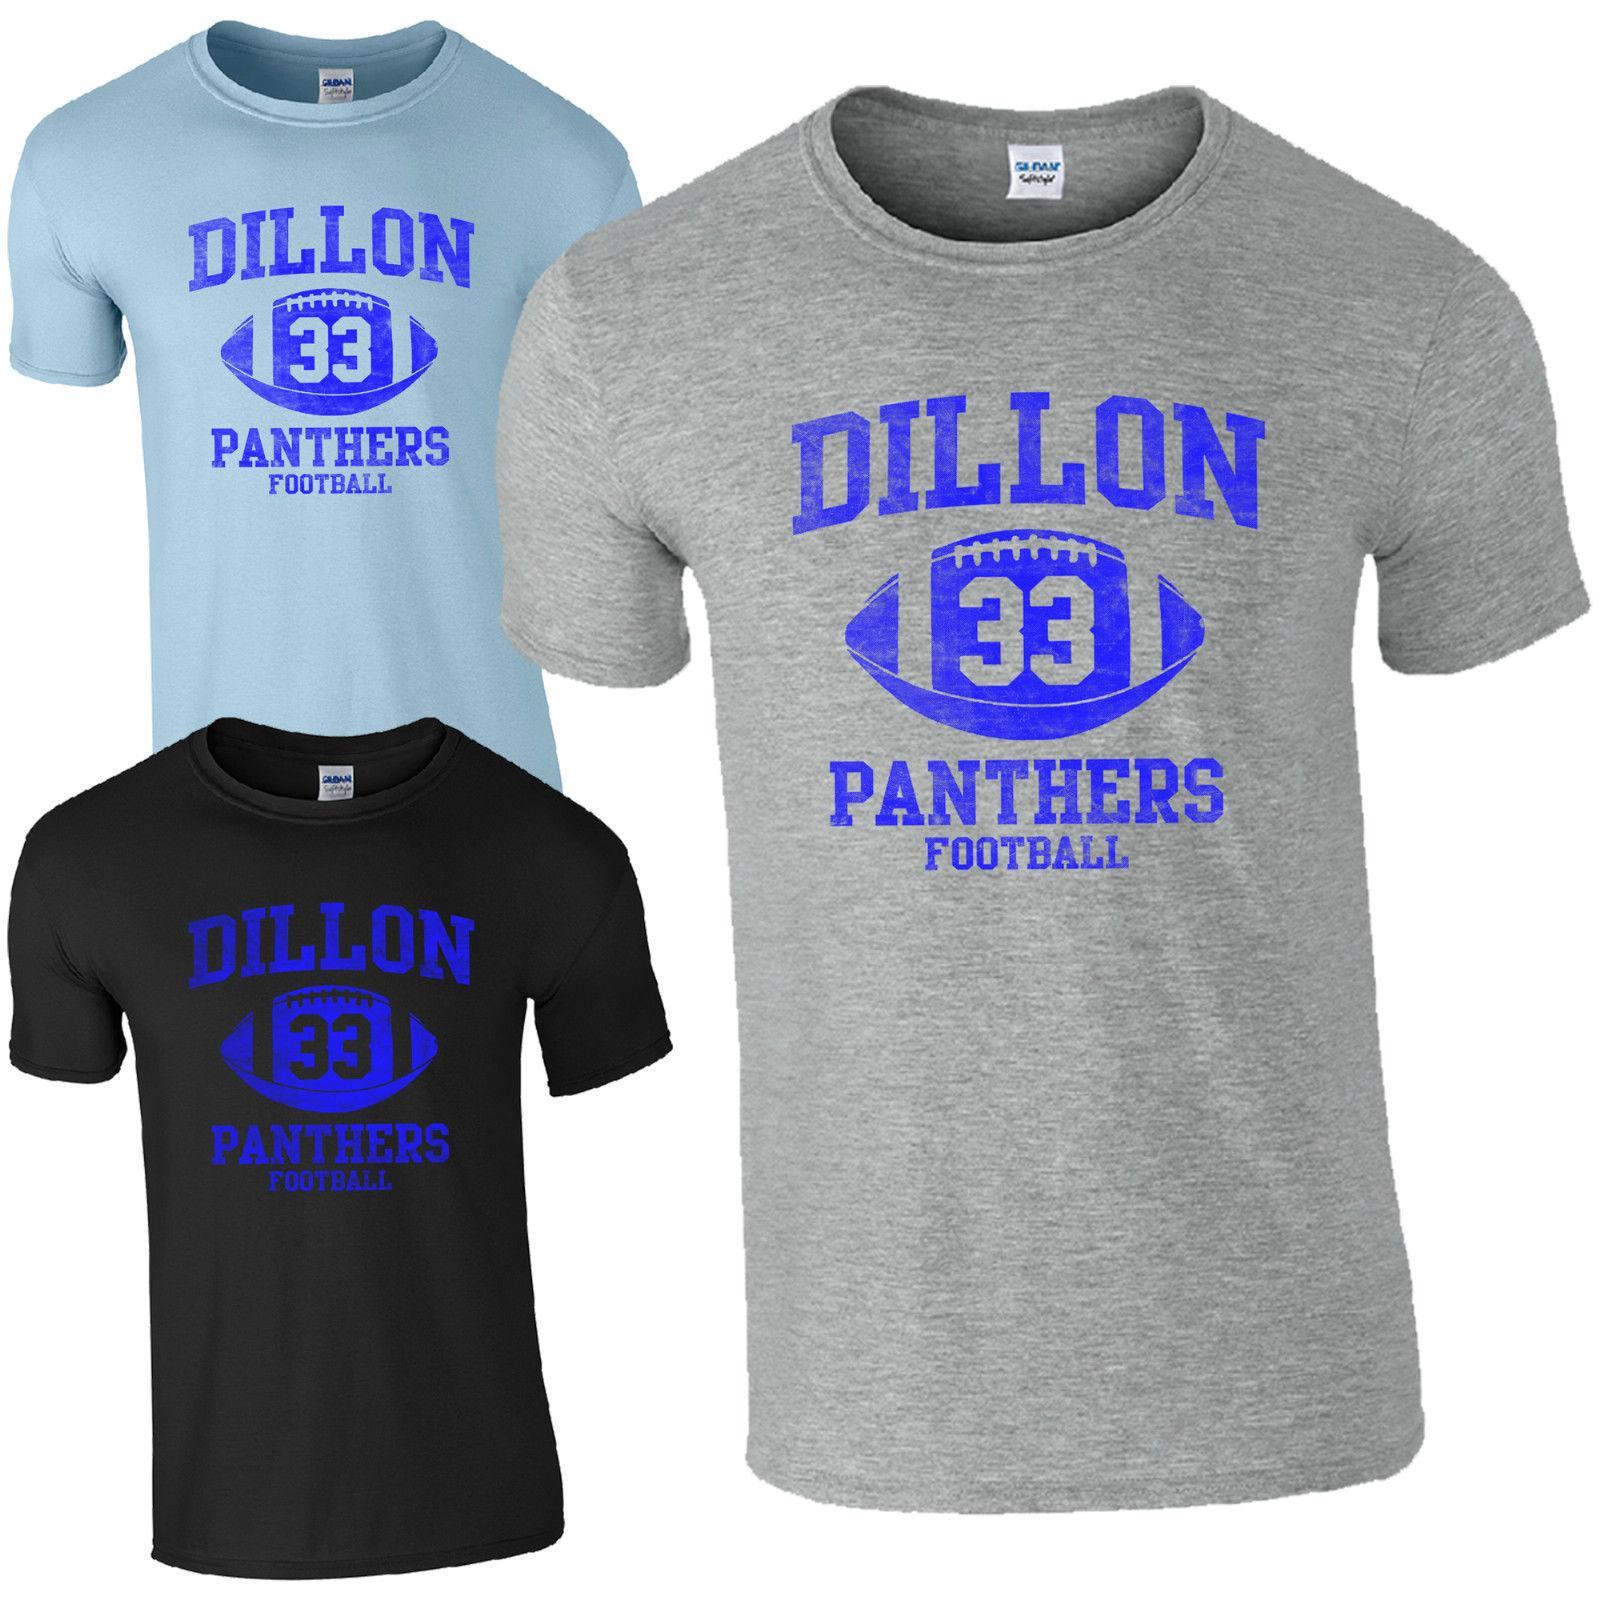 Compre T Shirt Das Panteras 33 Do Futebol Americano De Dillon Luzes Da  Noite De Sexta Feira Tim Riggins De Beidhgate05 835772c2d65